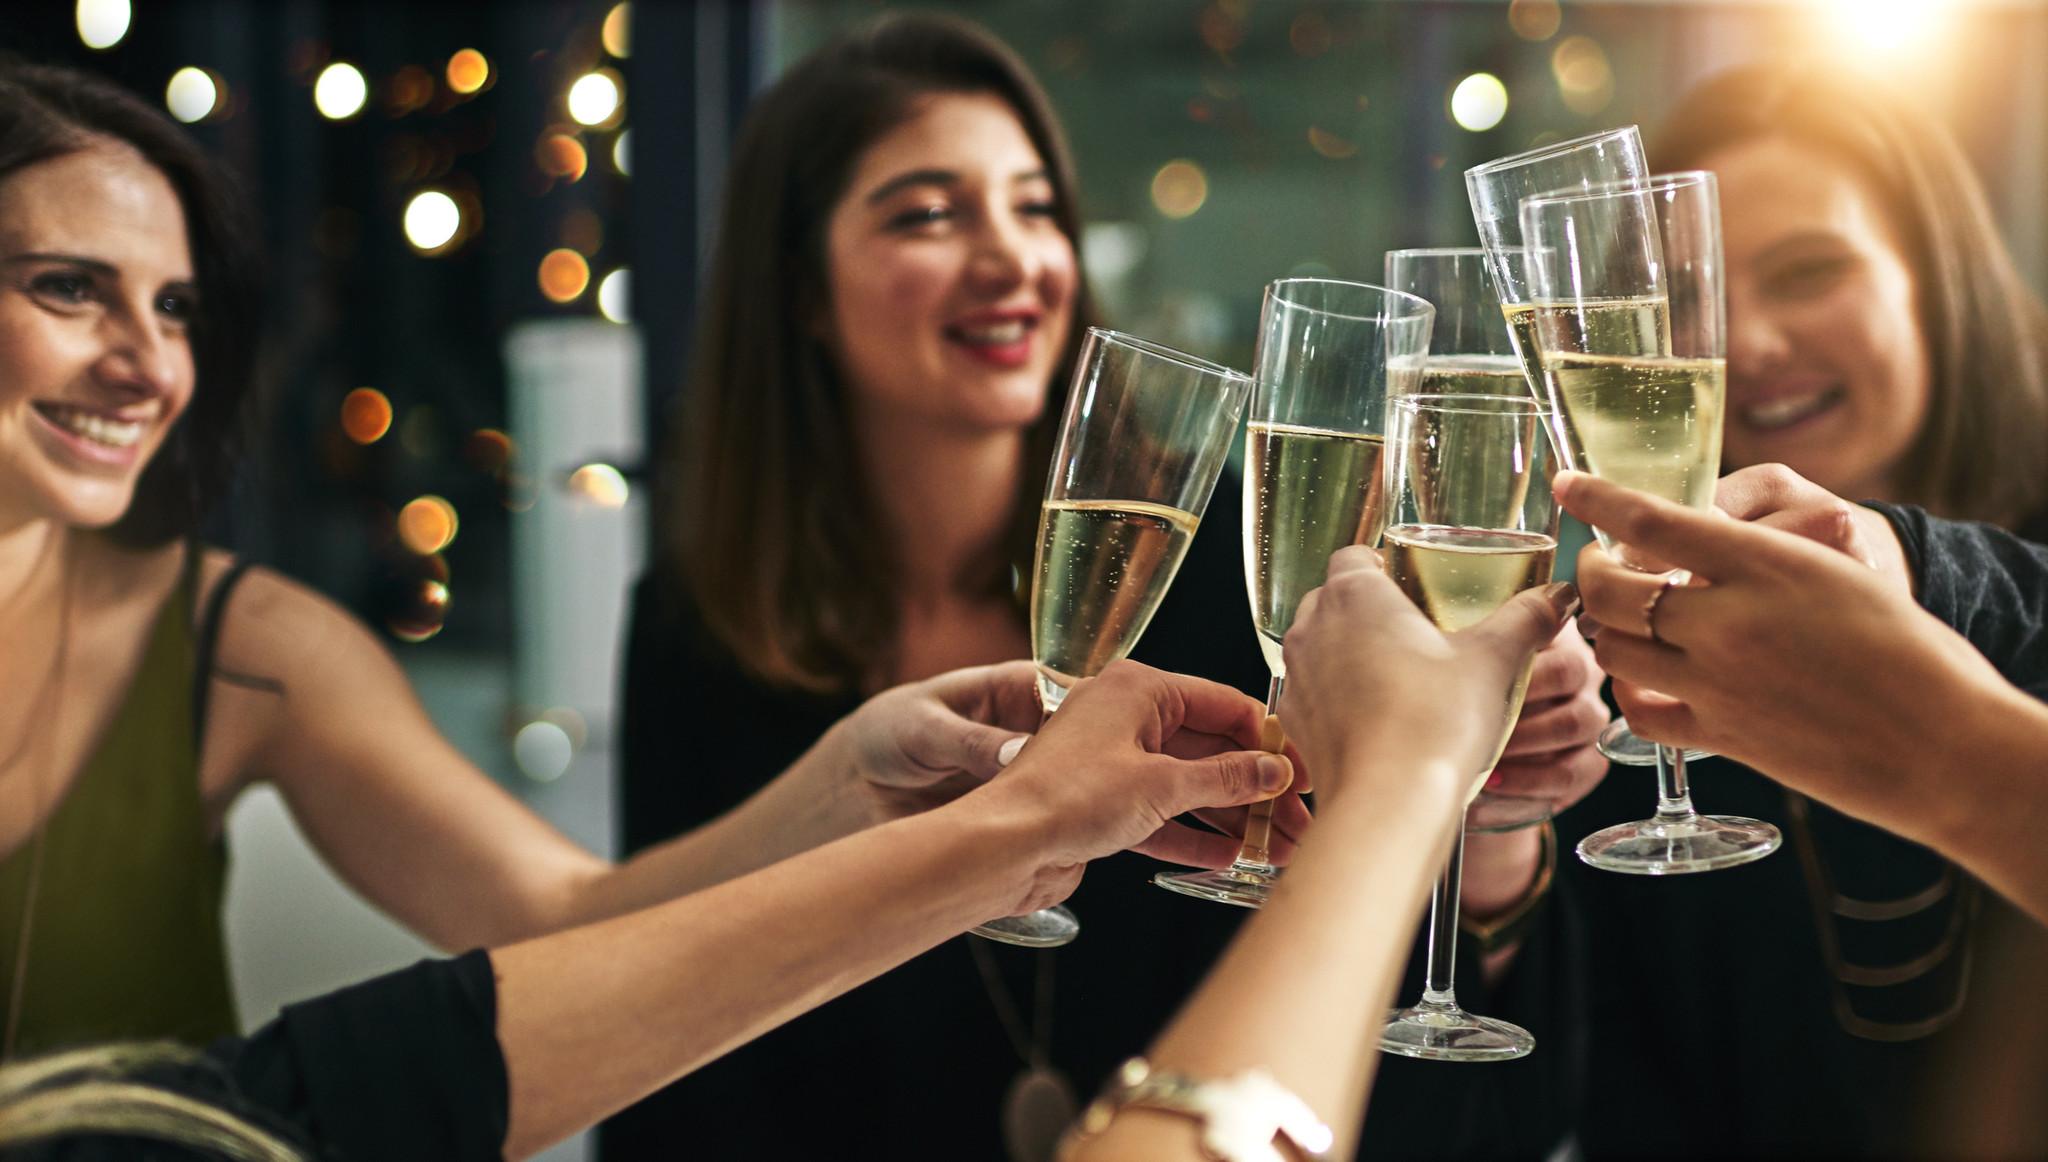 wijnproeverij met vrienden - wijnproeverij box